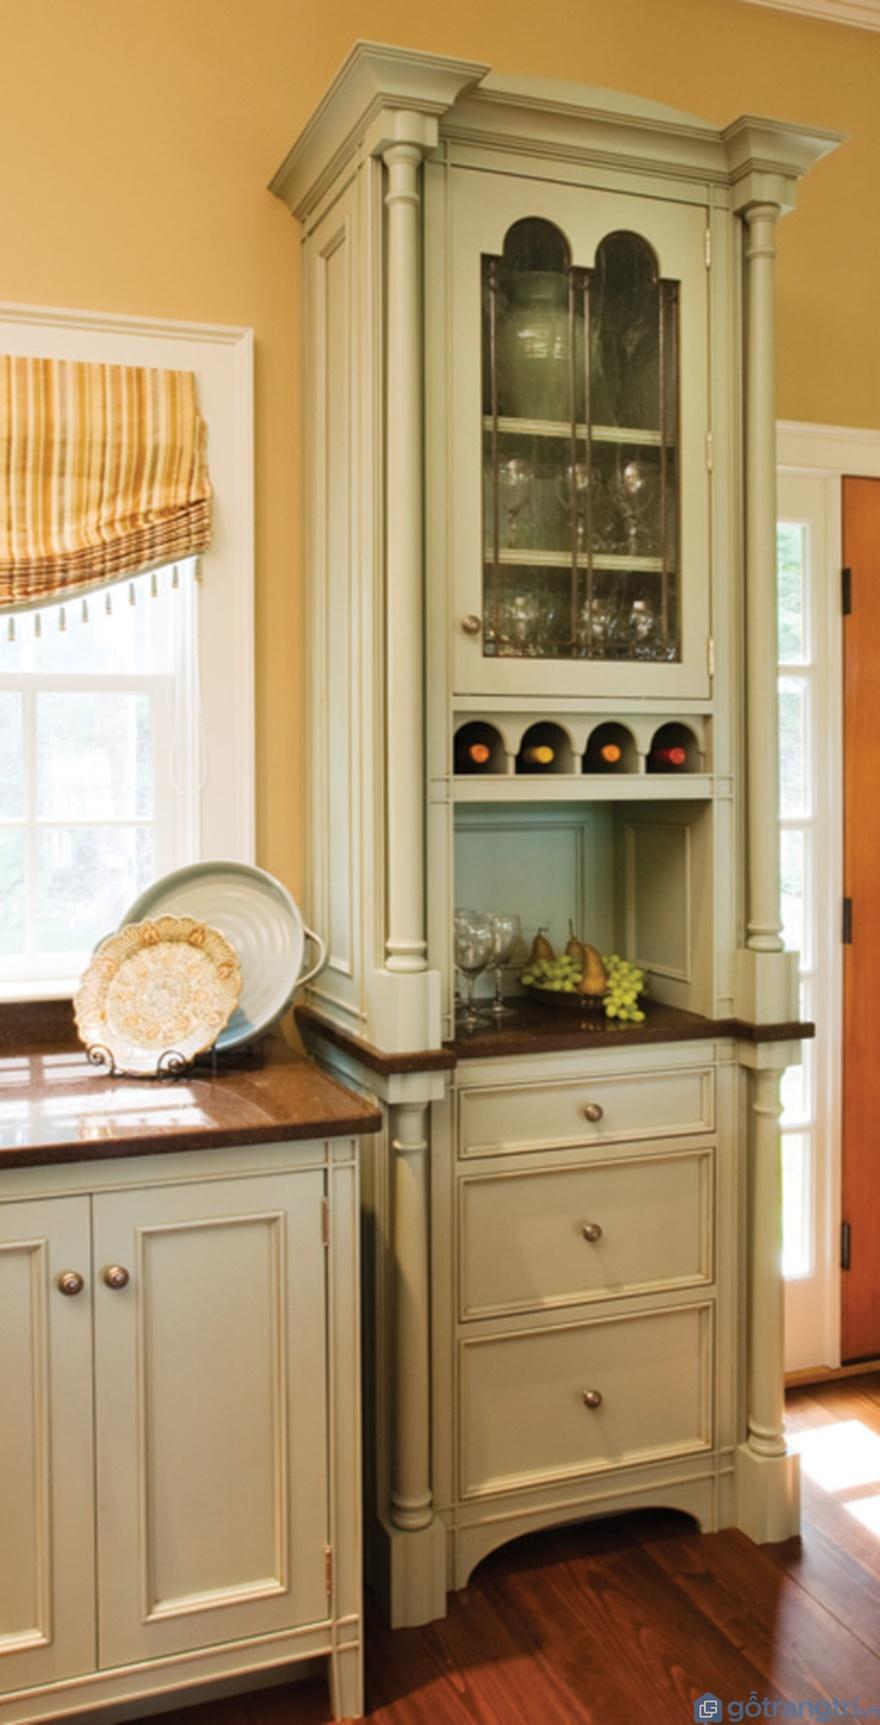 Tủ bếp phong cách tân cổ điển trệt nhỏ - Mẫu 05 (Ảnh: Internet)